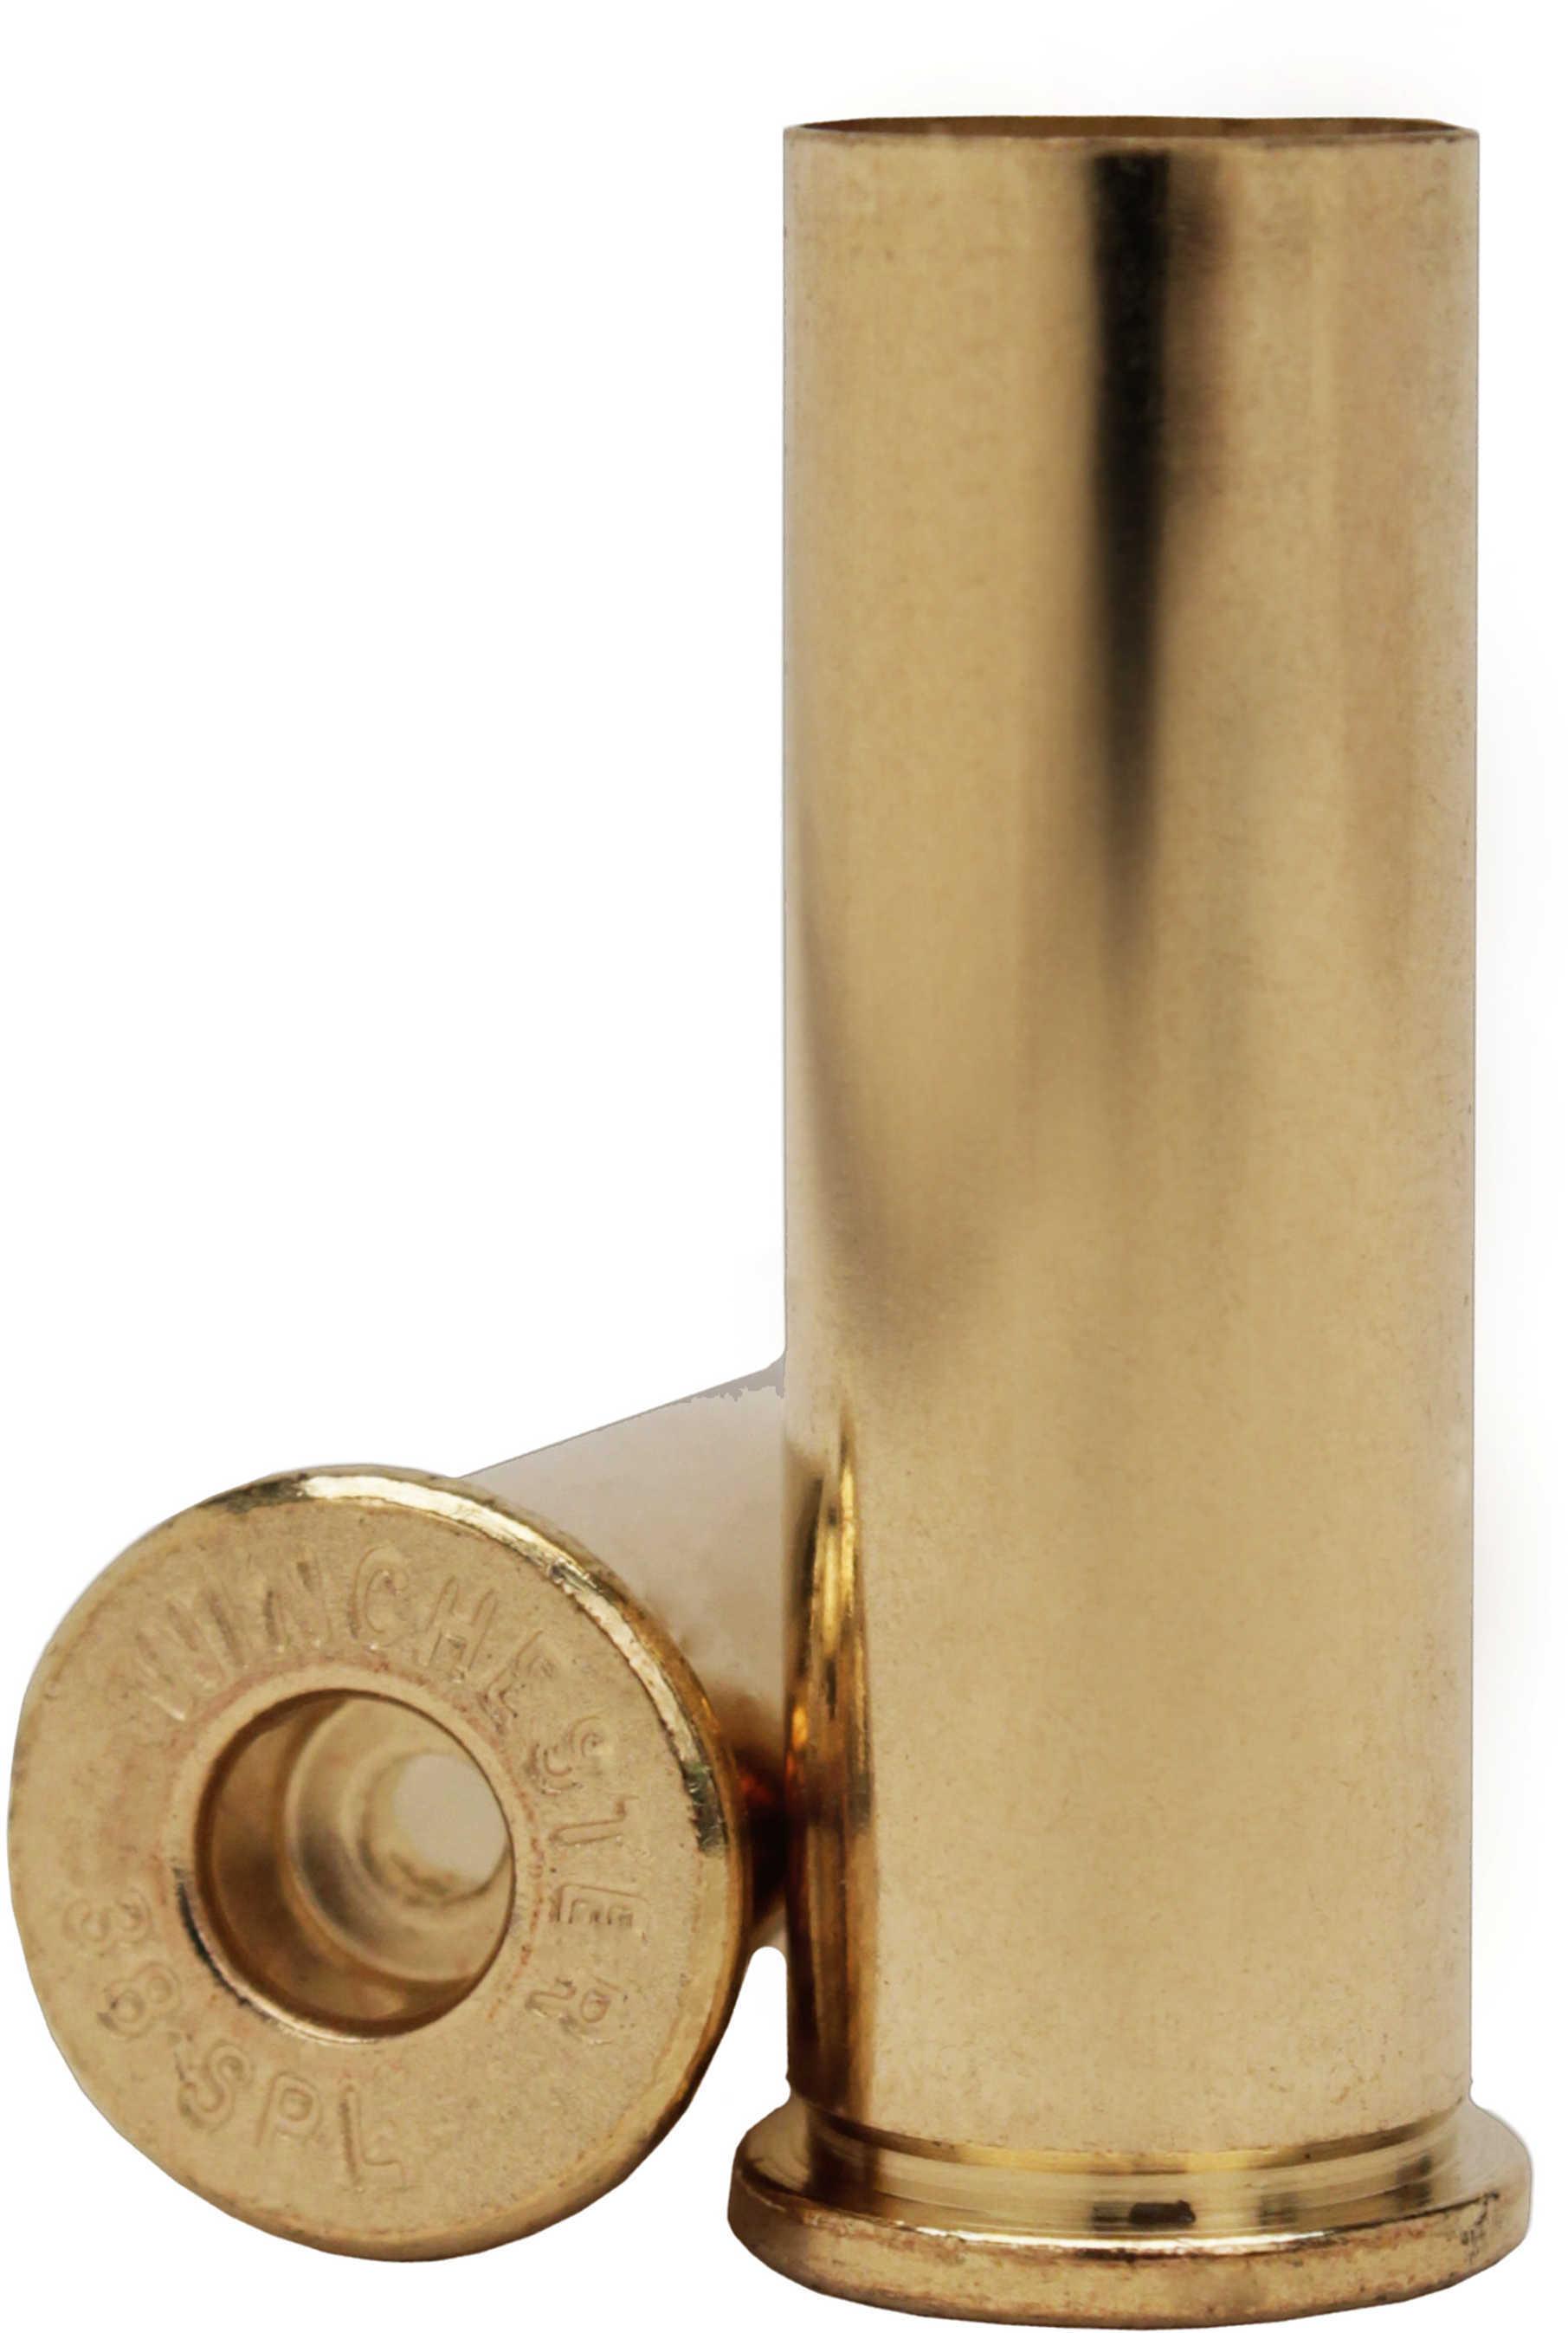 Unprimed Brass 38 Special Per 100 Md: WSC38SU